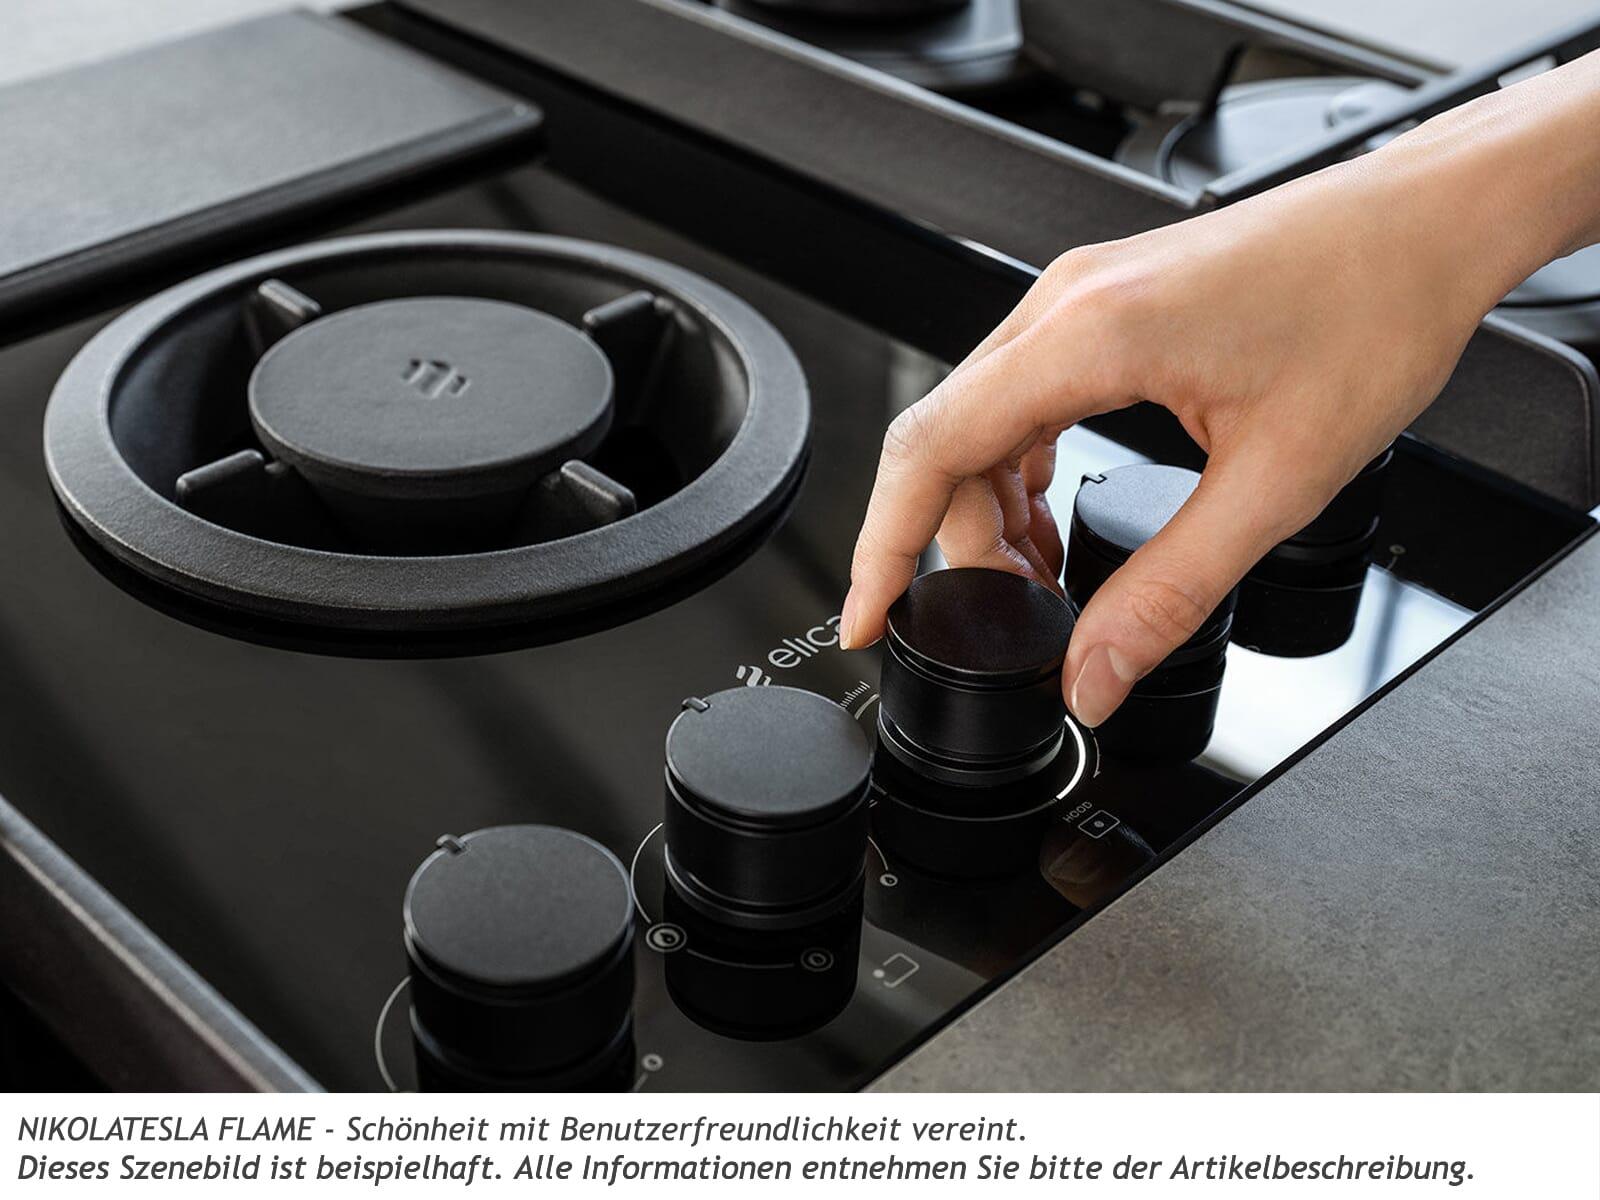 Elica NikolaTesla Flame PRF0147742A Gas-Kochfeldabzug Grau/Schwarz